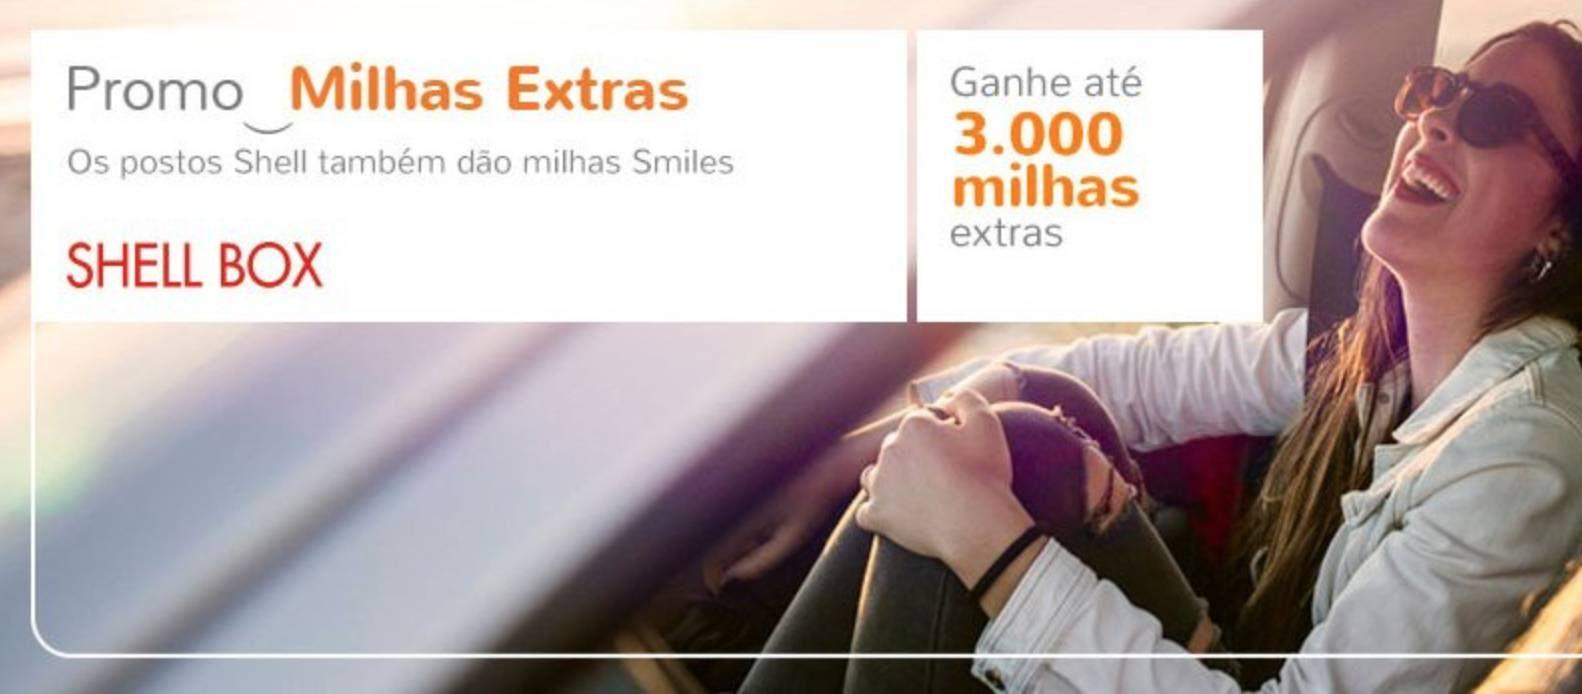 Smiles está dando milhas extras para quem abastecer nos postos Shell